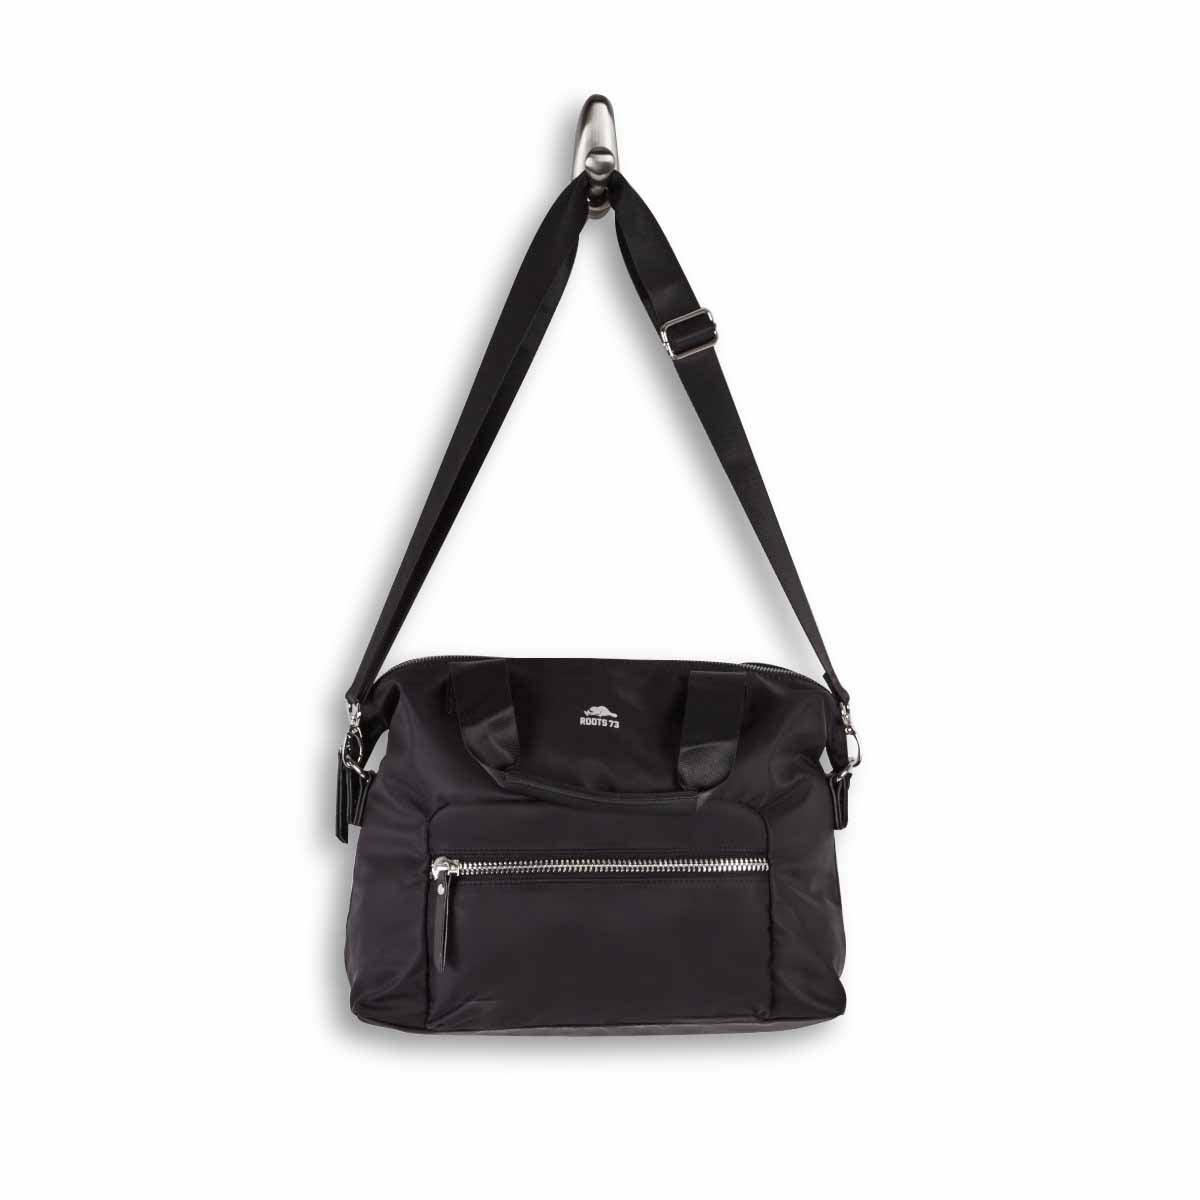 Lds Roots73 black top zip shoulder bag